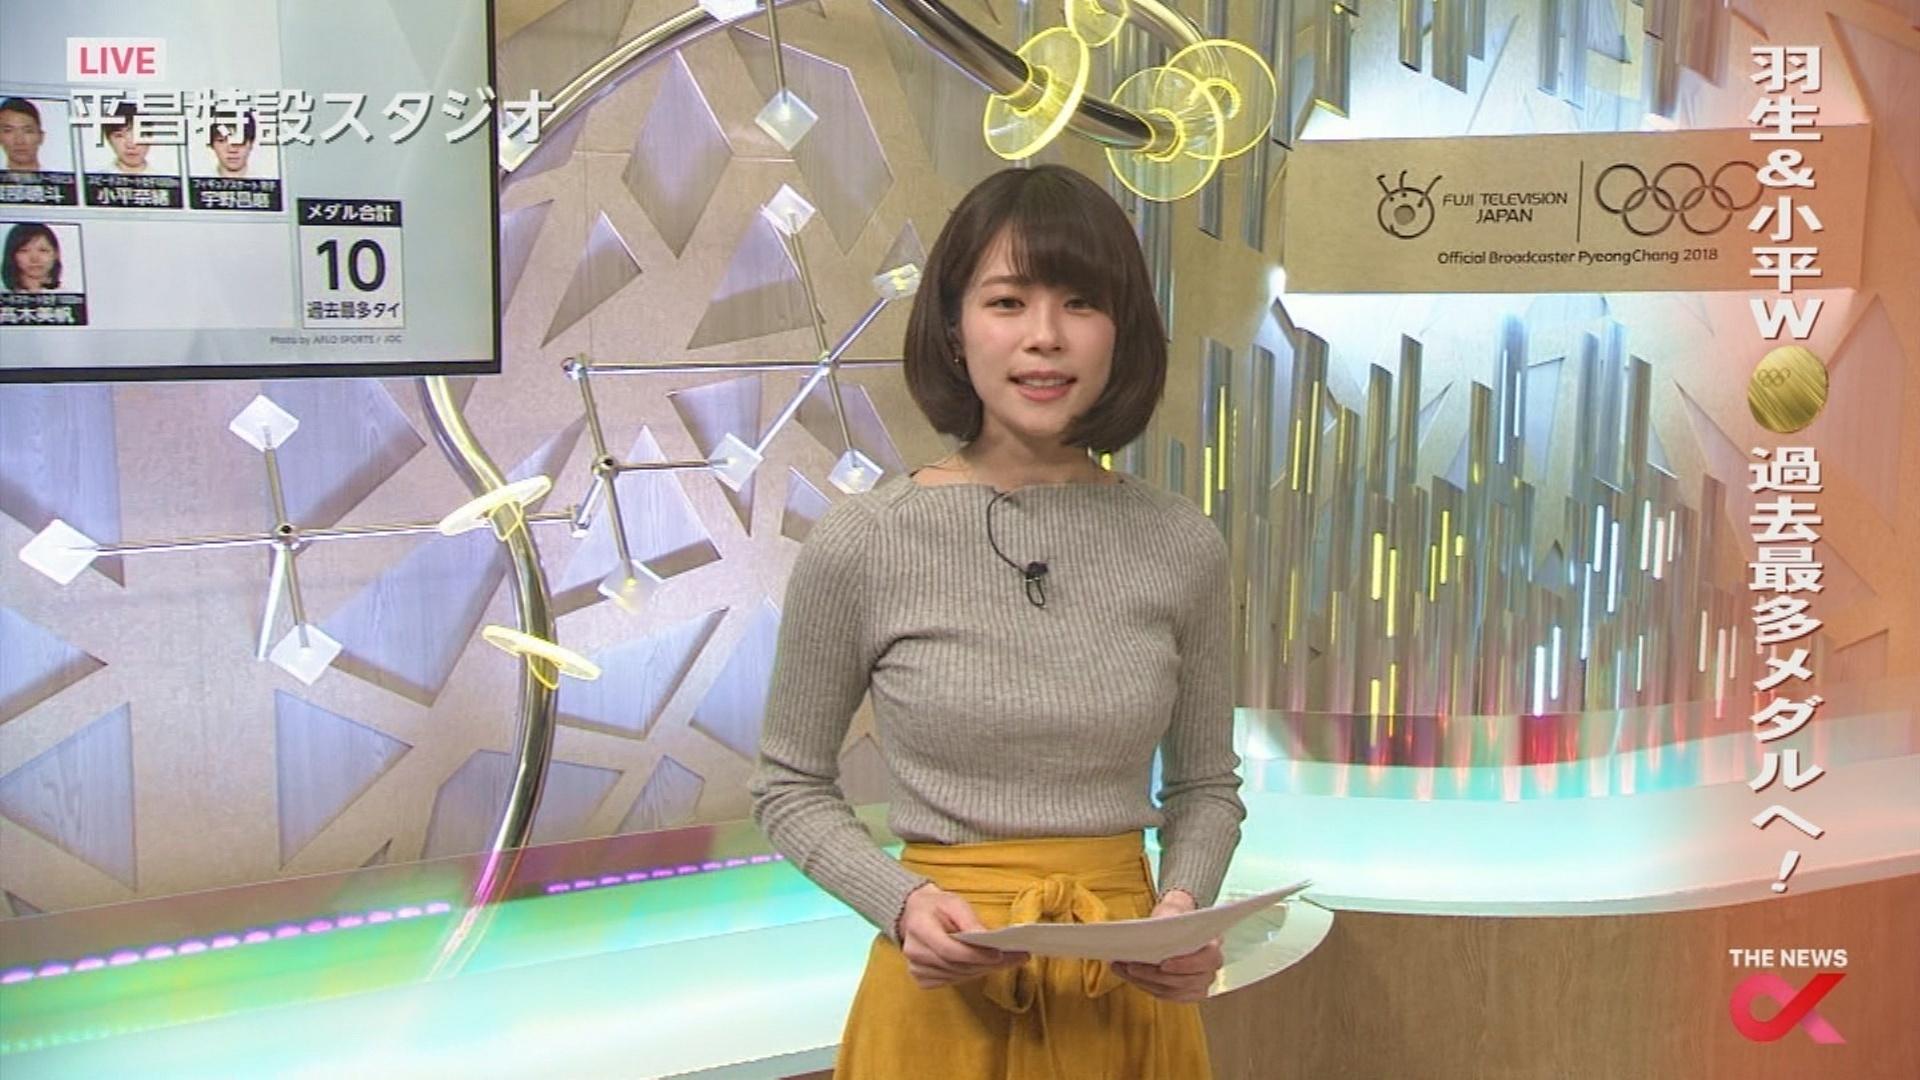 鈴木唯アナ 盛り乳ニットおっぱい&ミニスカ▼ゾーンセクシー画像